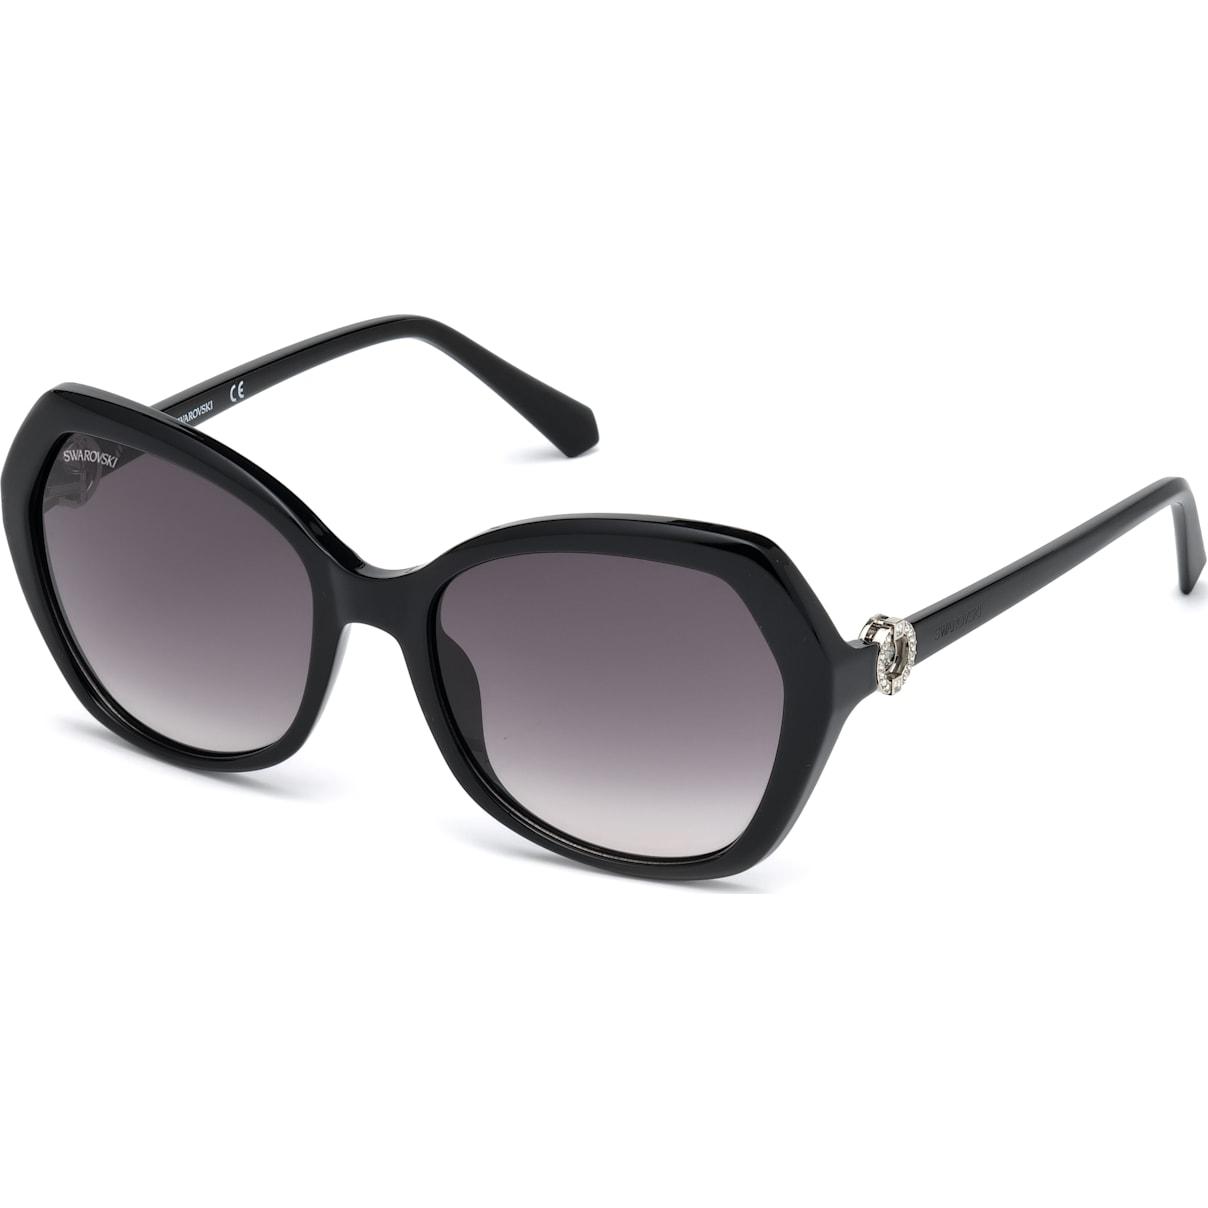 Swarovski Swarovski Sunglasses, SK0165 - 01B, Black